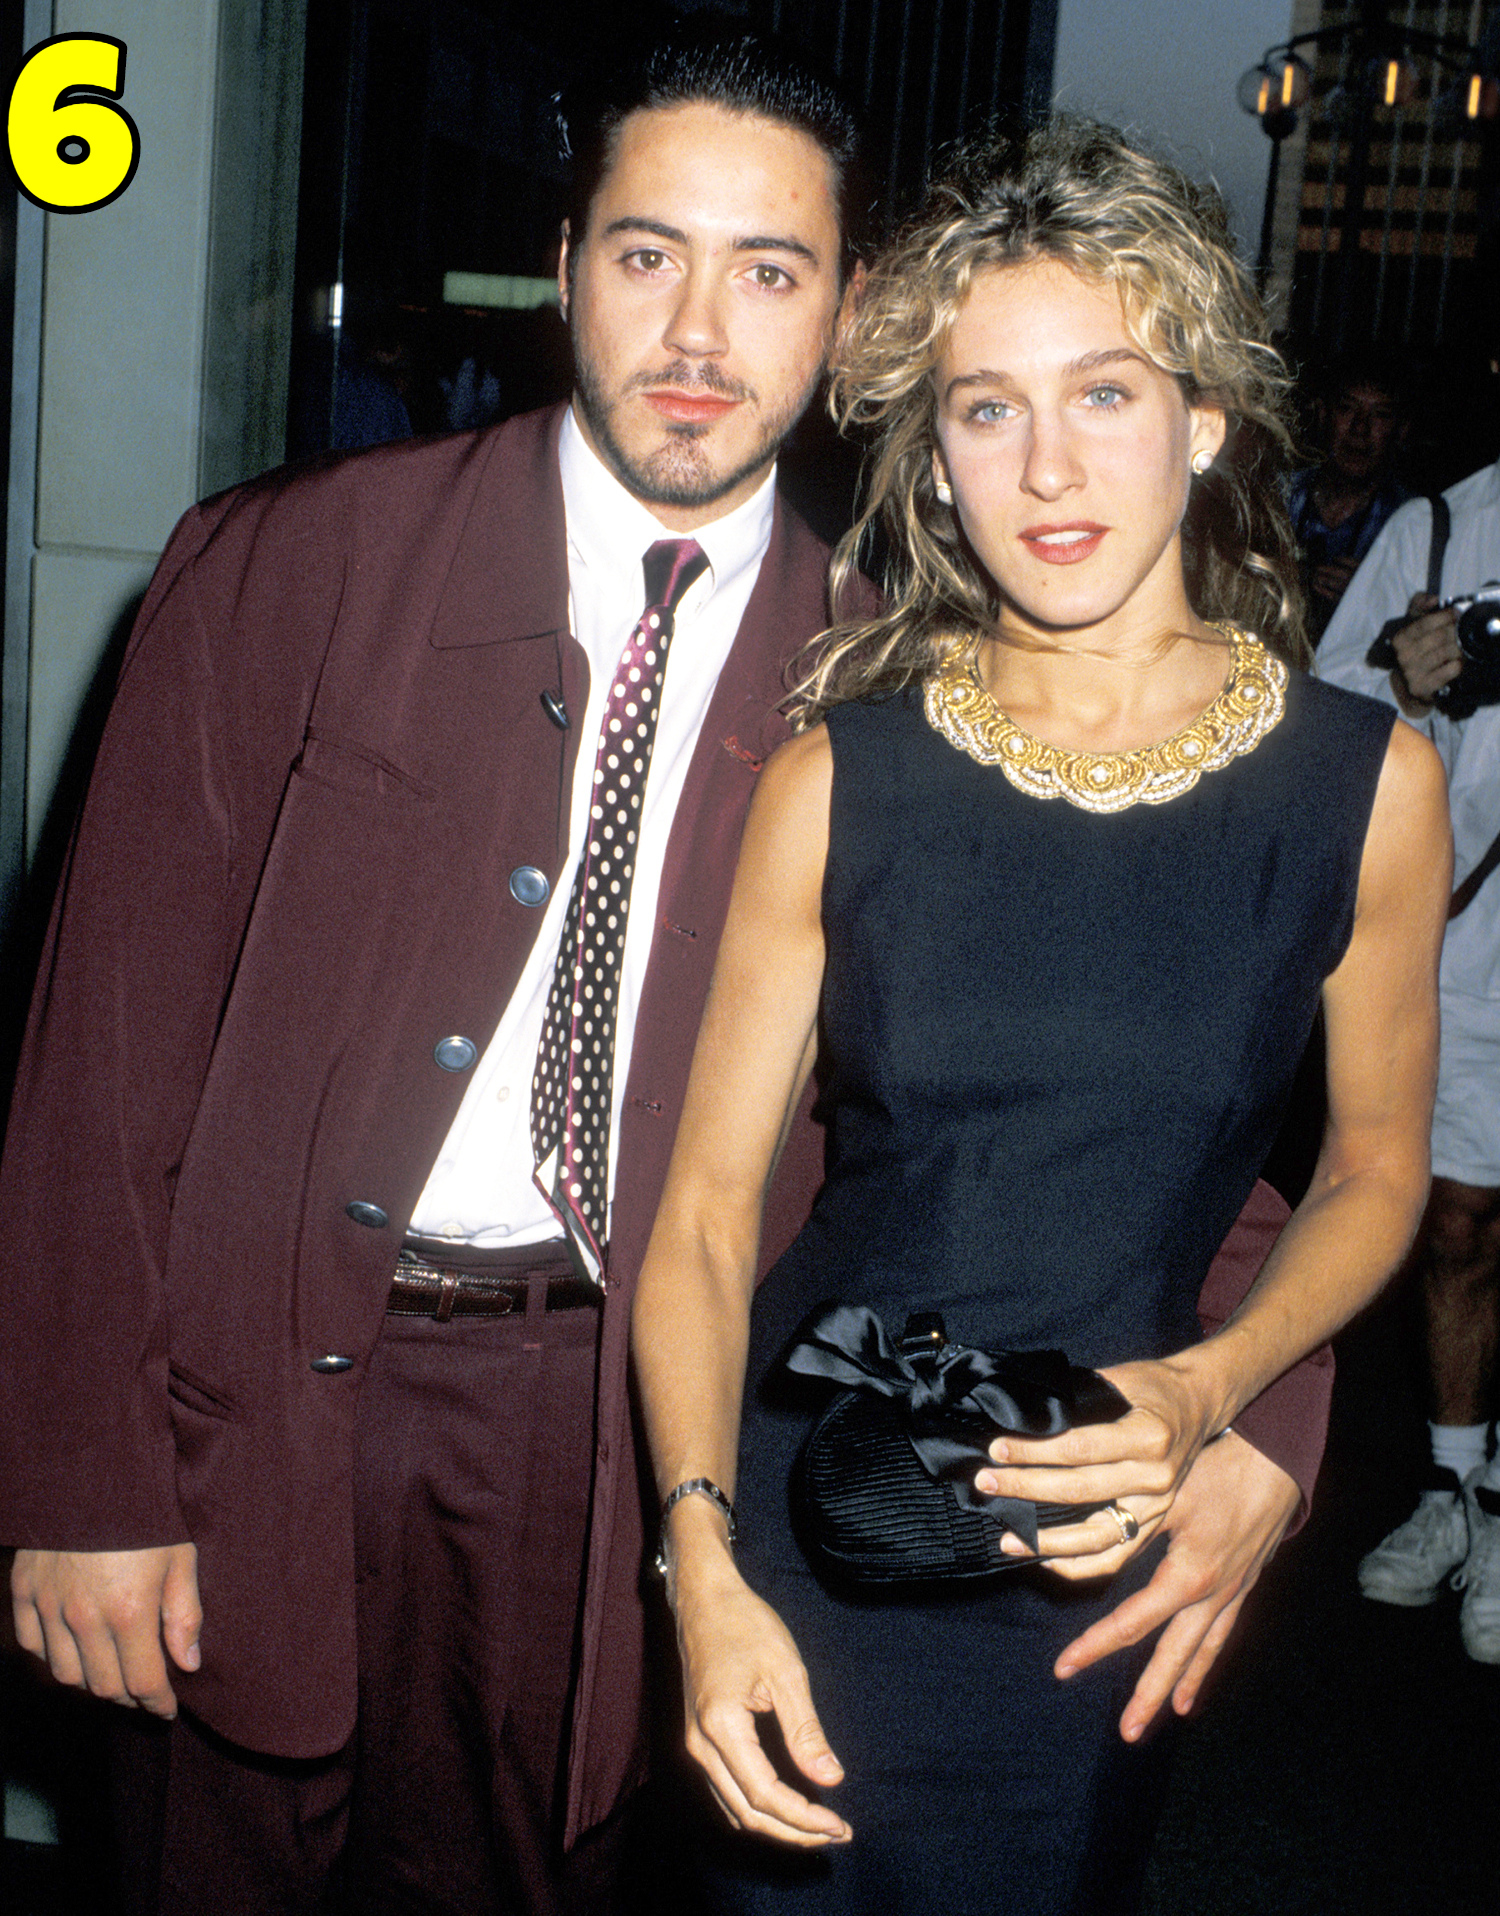 Robert Downey Jr And Sarah Jessica Parker Dating